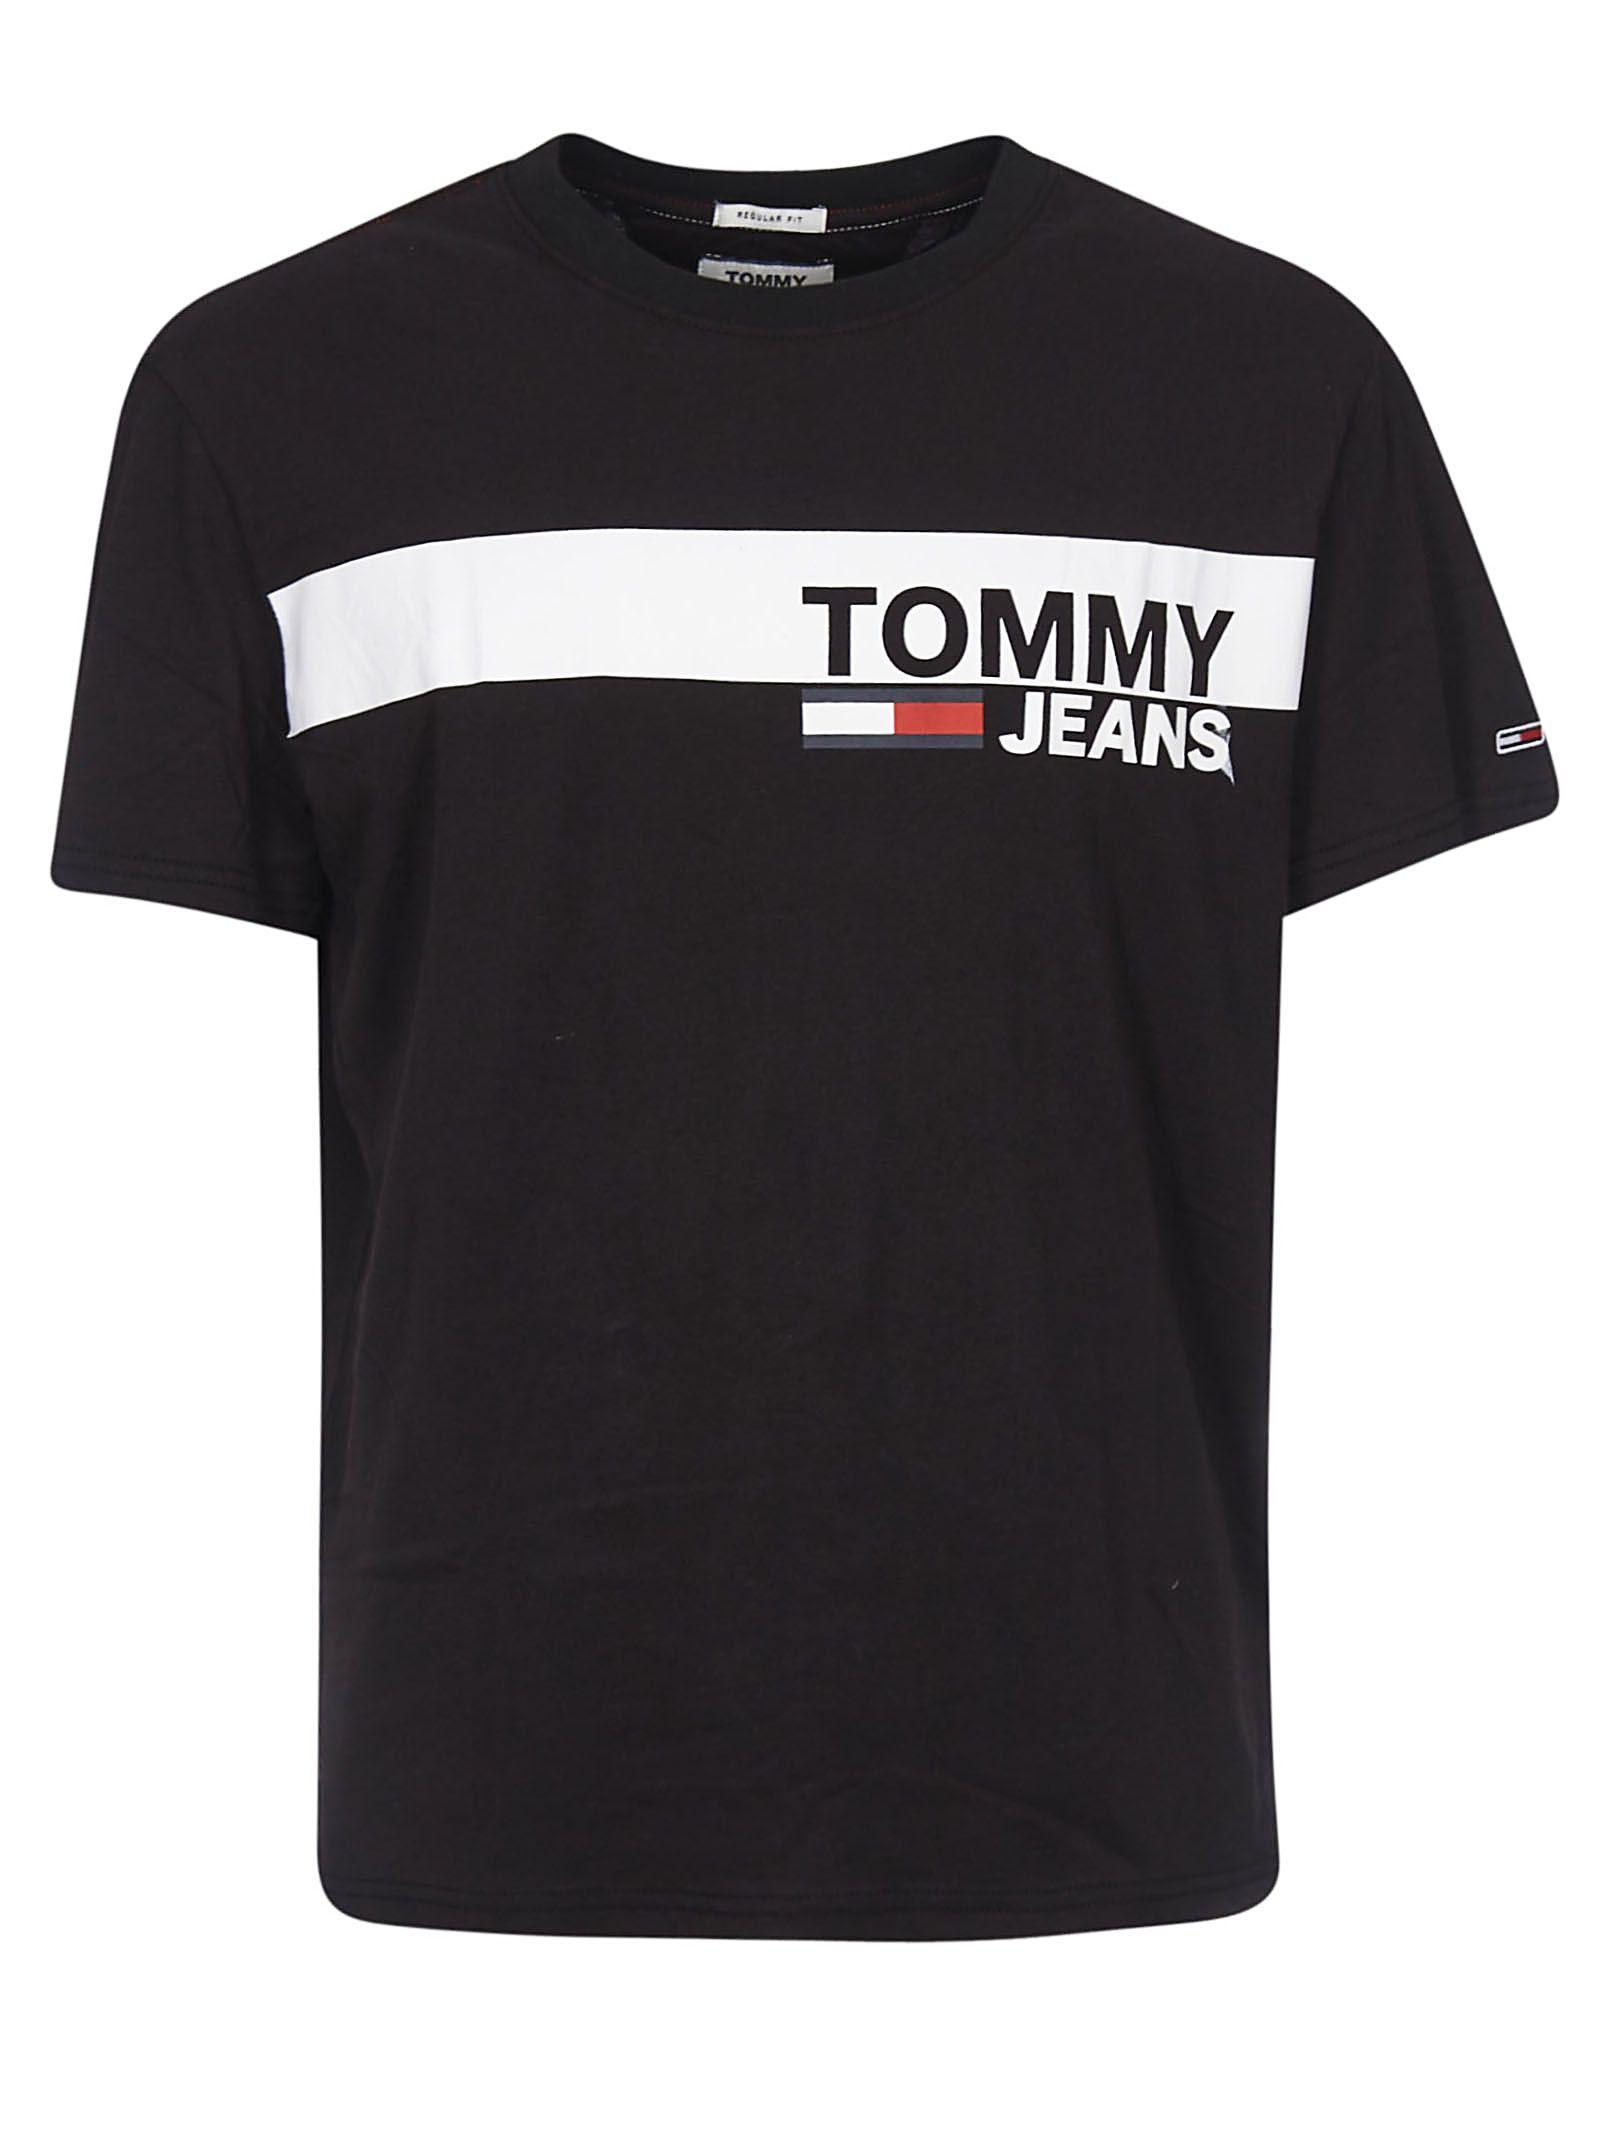 Tommy Hilfiger Essential Box Logo T Shirt Tommyhilfiger Cloth Tommy Hilfiger T Shirt Cool Outfits For Men Tommy Hilfiger